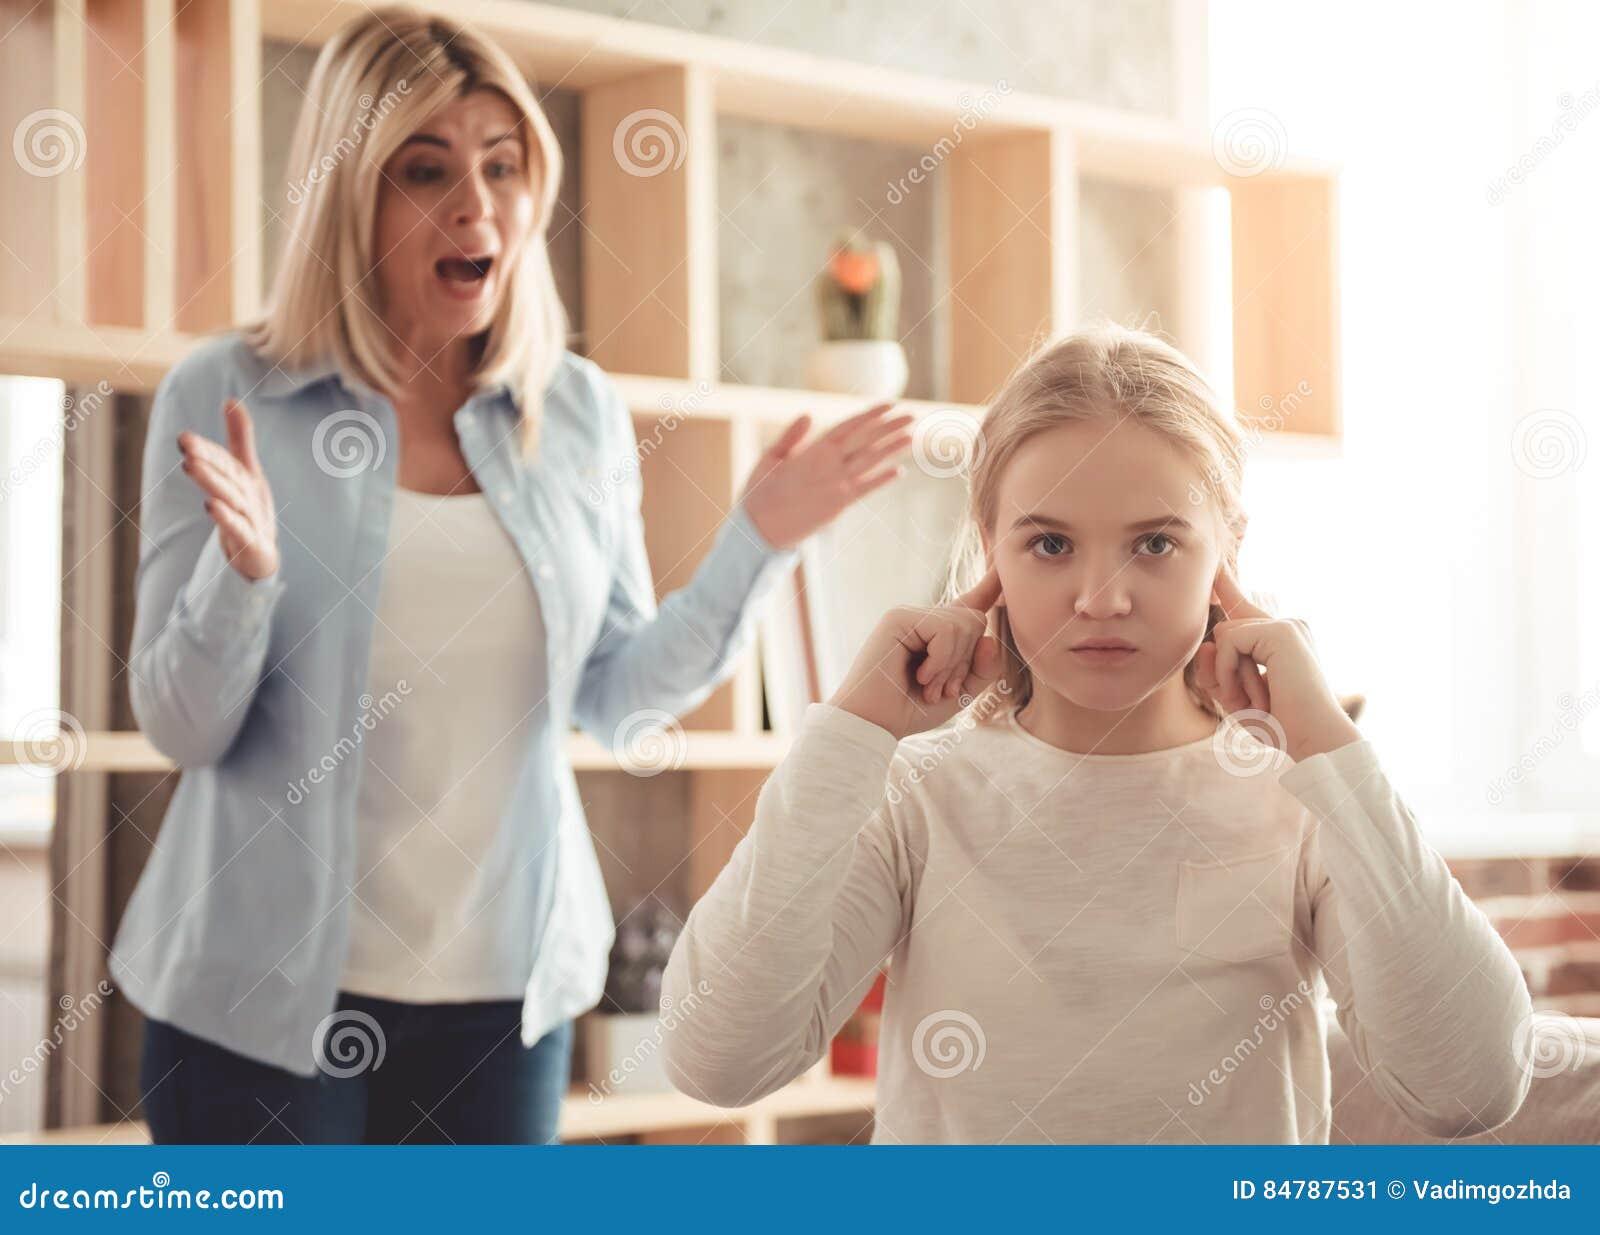 Little young girls sex